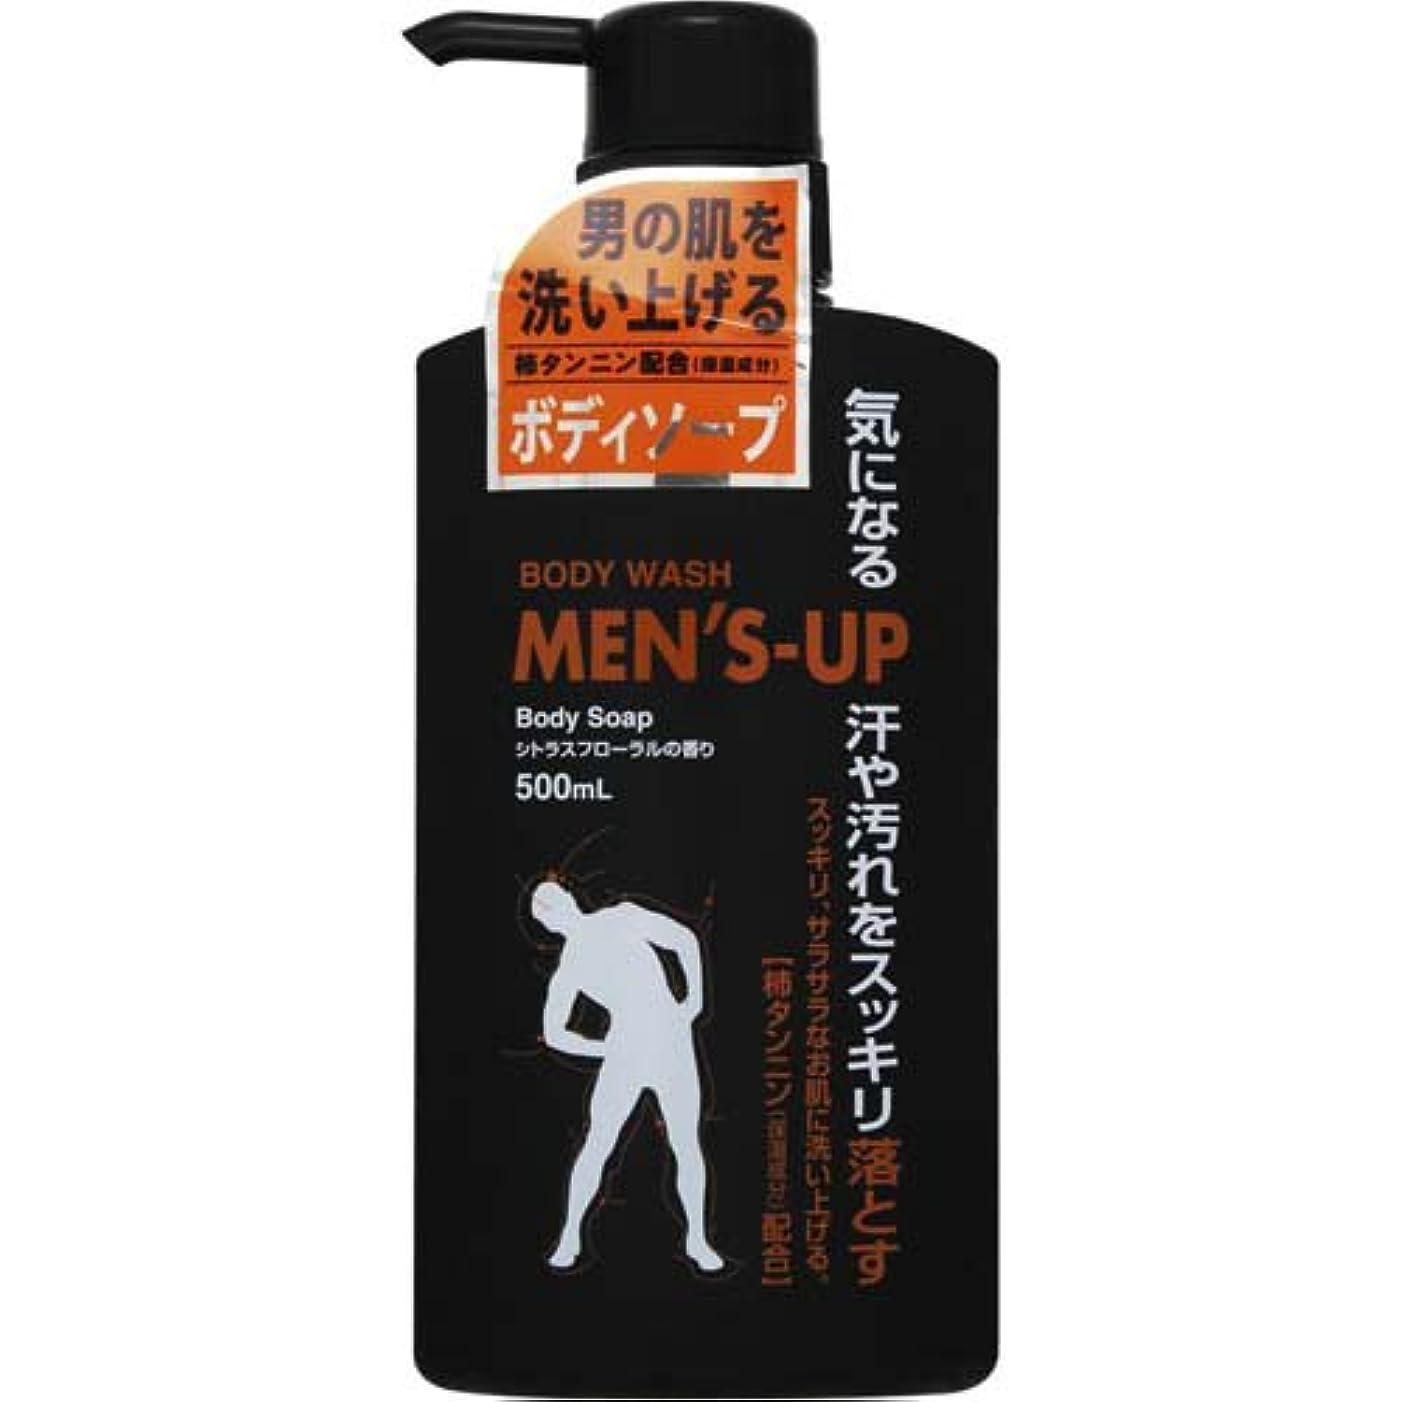 快い閉塞反発MEN'S-UP(メンズアップ) ボディーソープ 本体 500ml